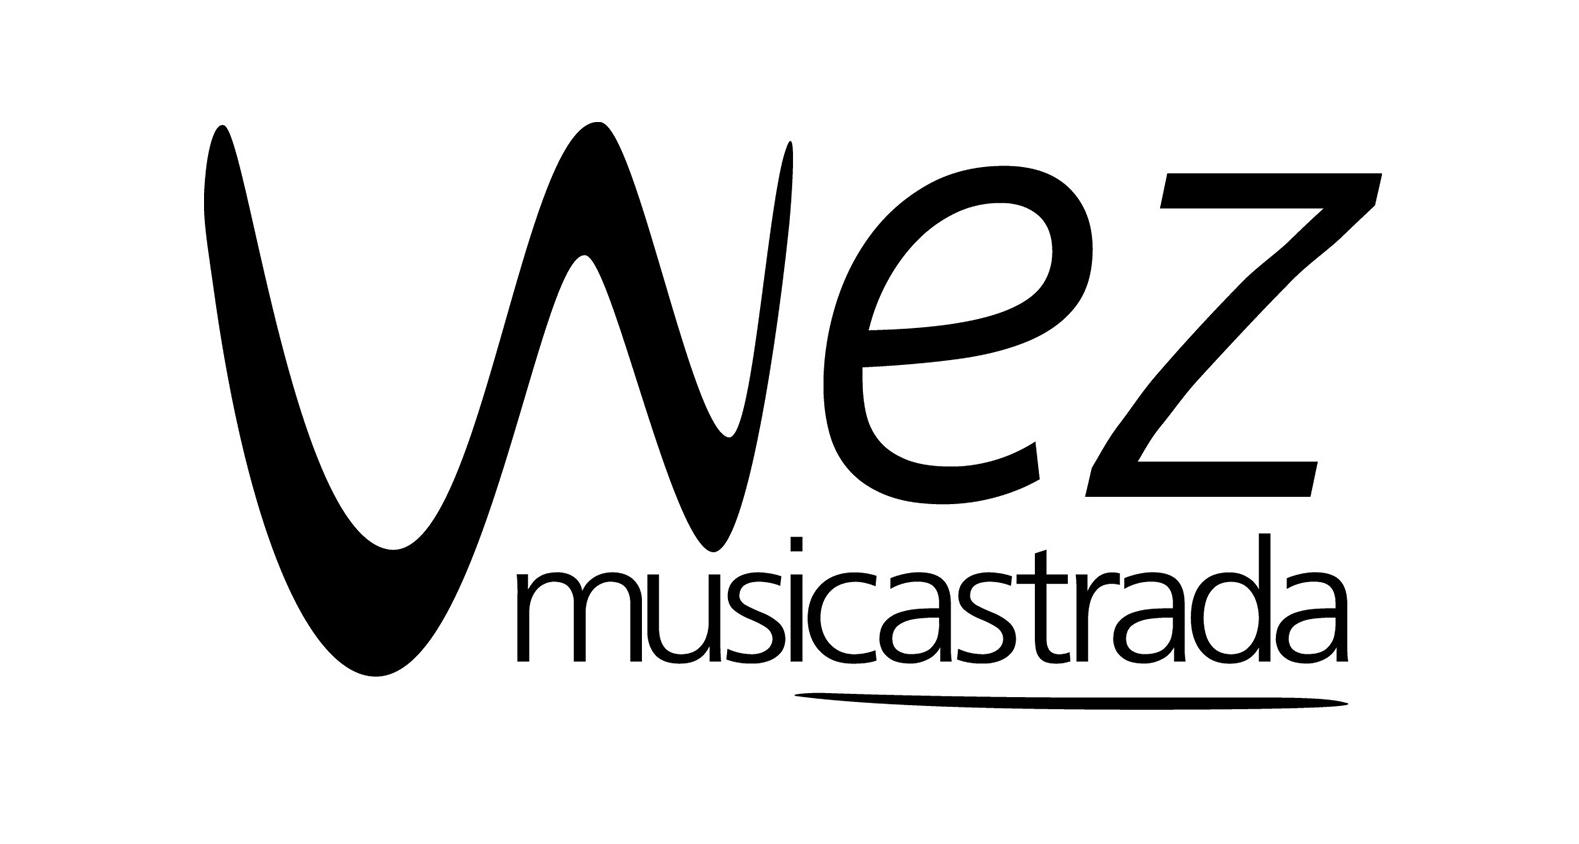 HOME_wez_webzine_musicastrada_nero_logo_LR-copia